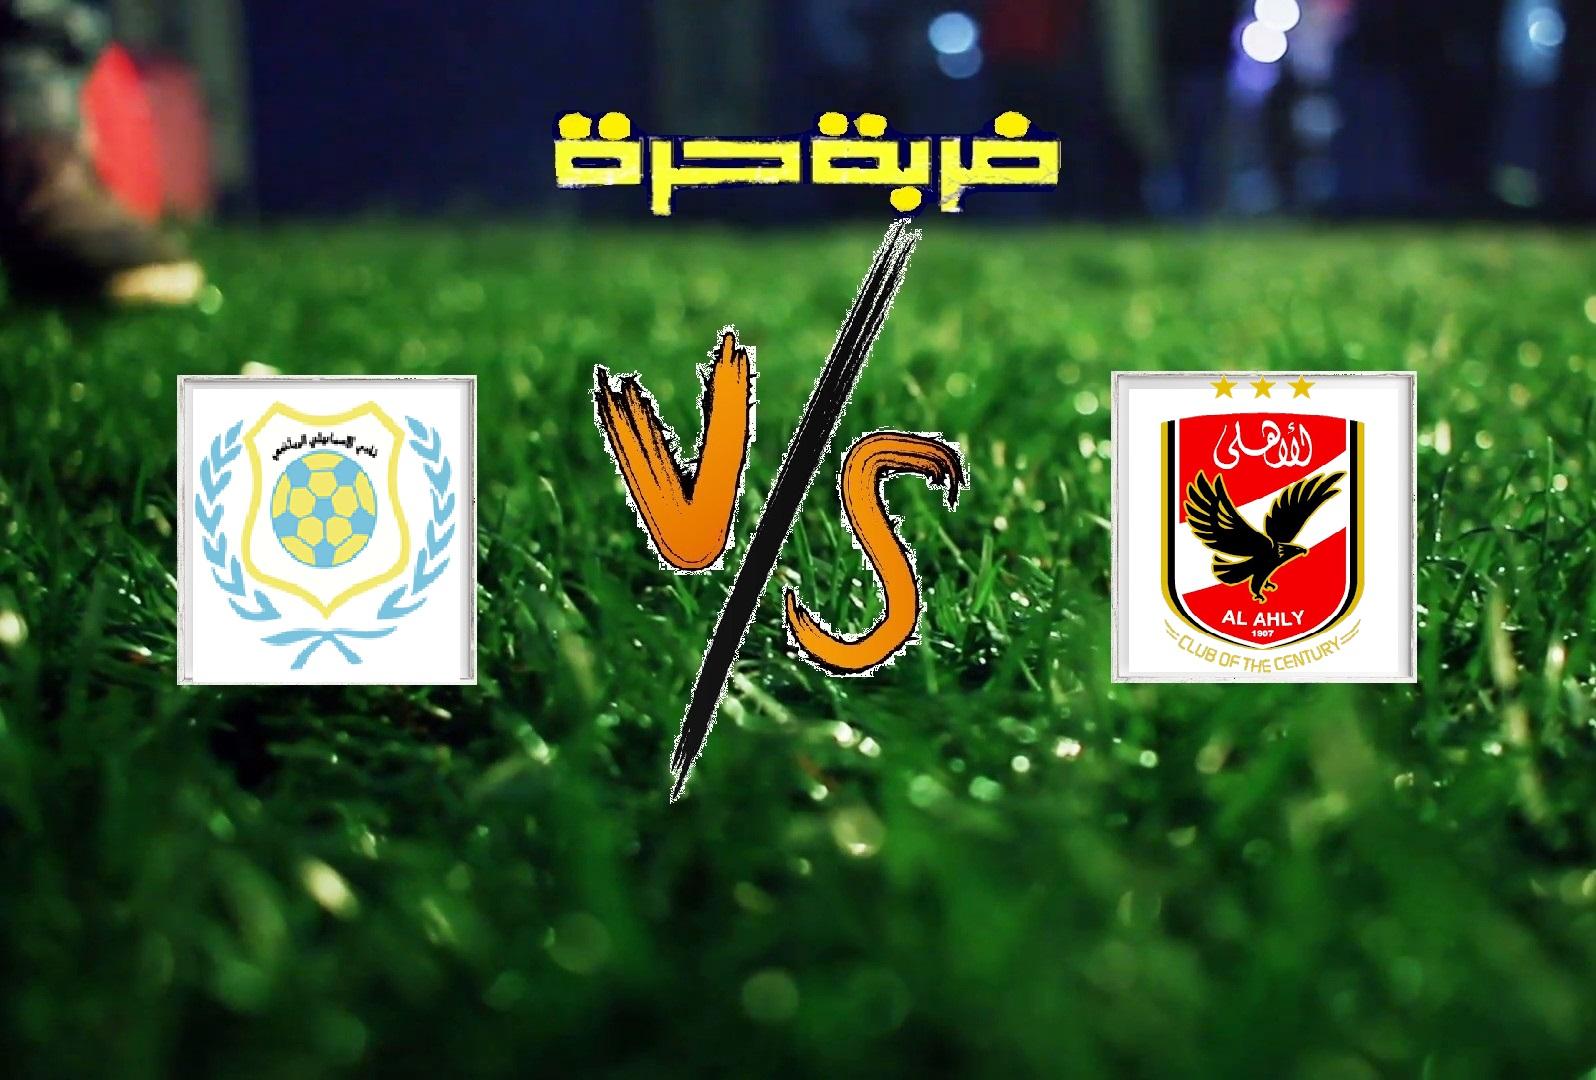 نتيجة مباراة الاهلي والاسماعيلي اليوم الاربعاء بتاريخ 22-05-2019 الدوري المصري